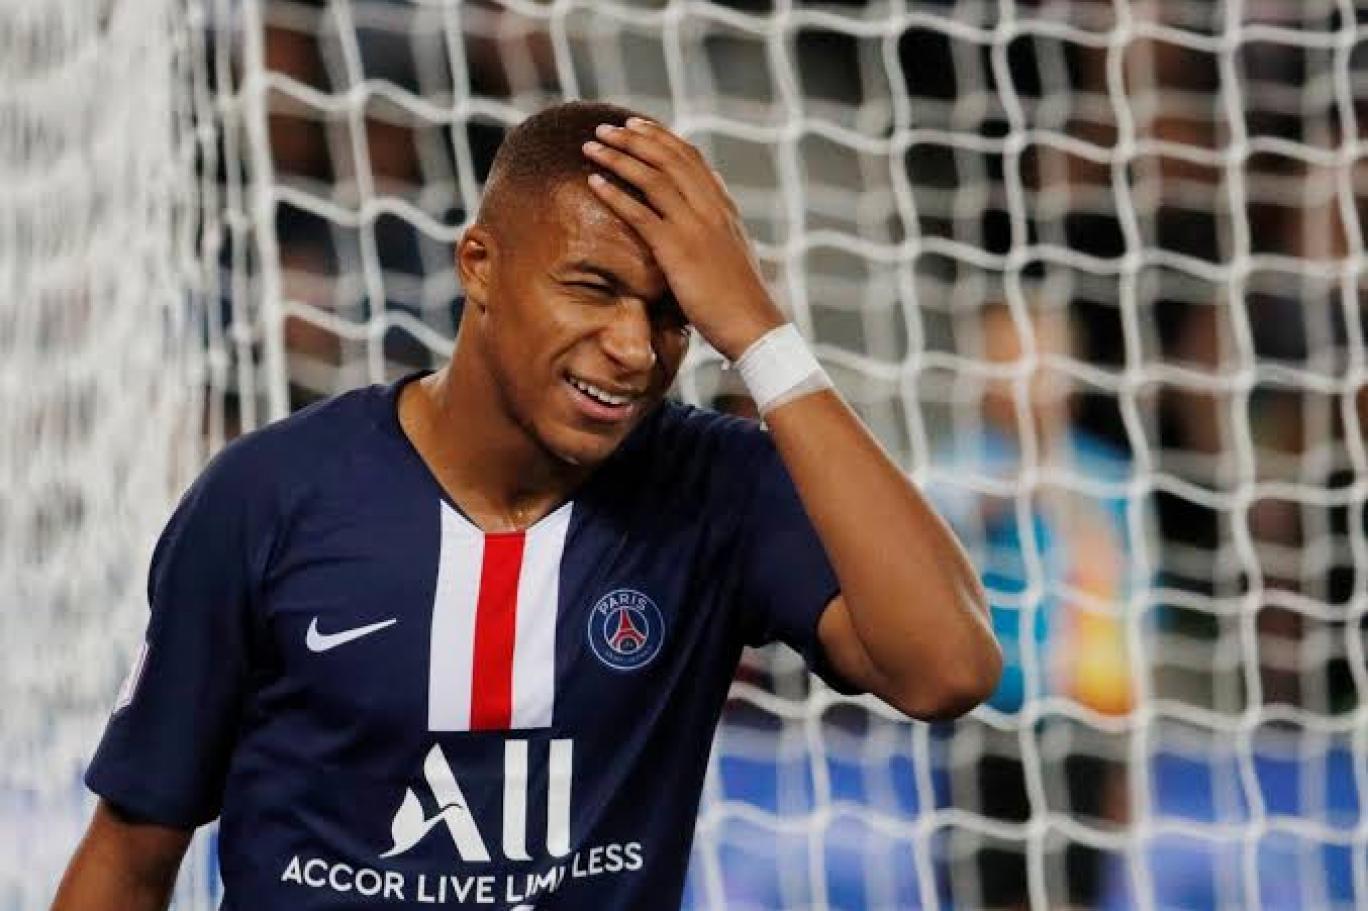 باريس سان جيرمان ينفي تلقيه عرضًا مغريًا من ريال مدريد لضم مبابي